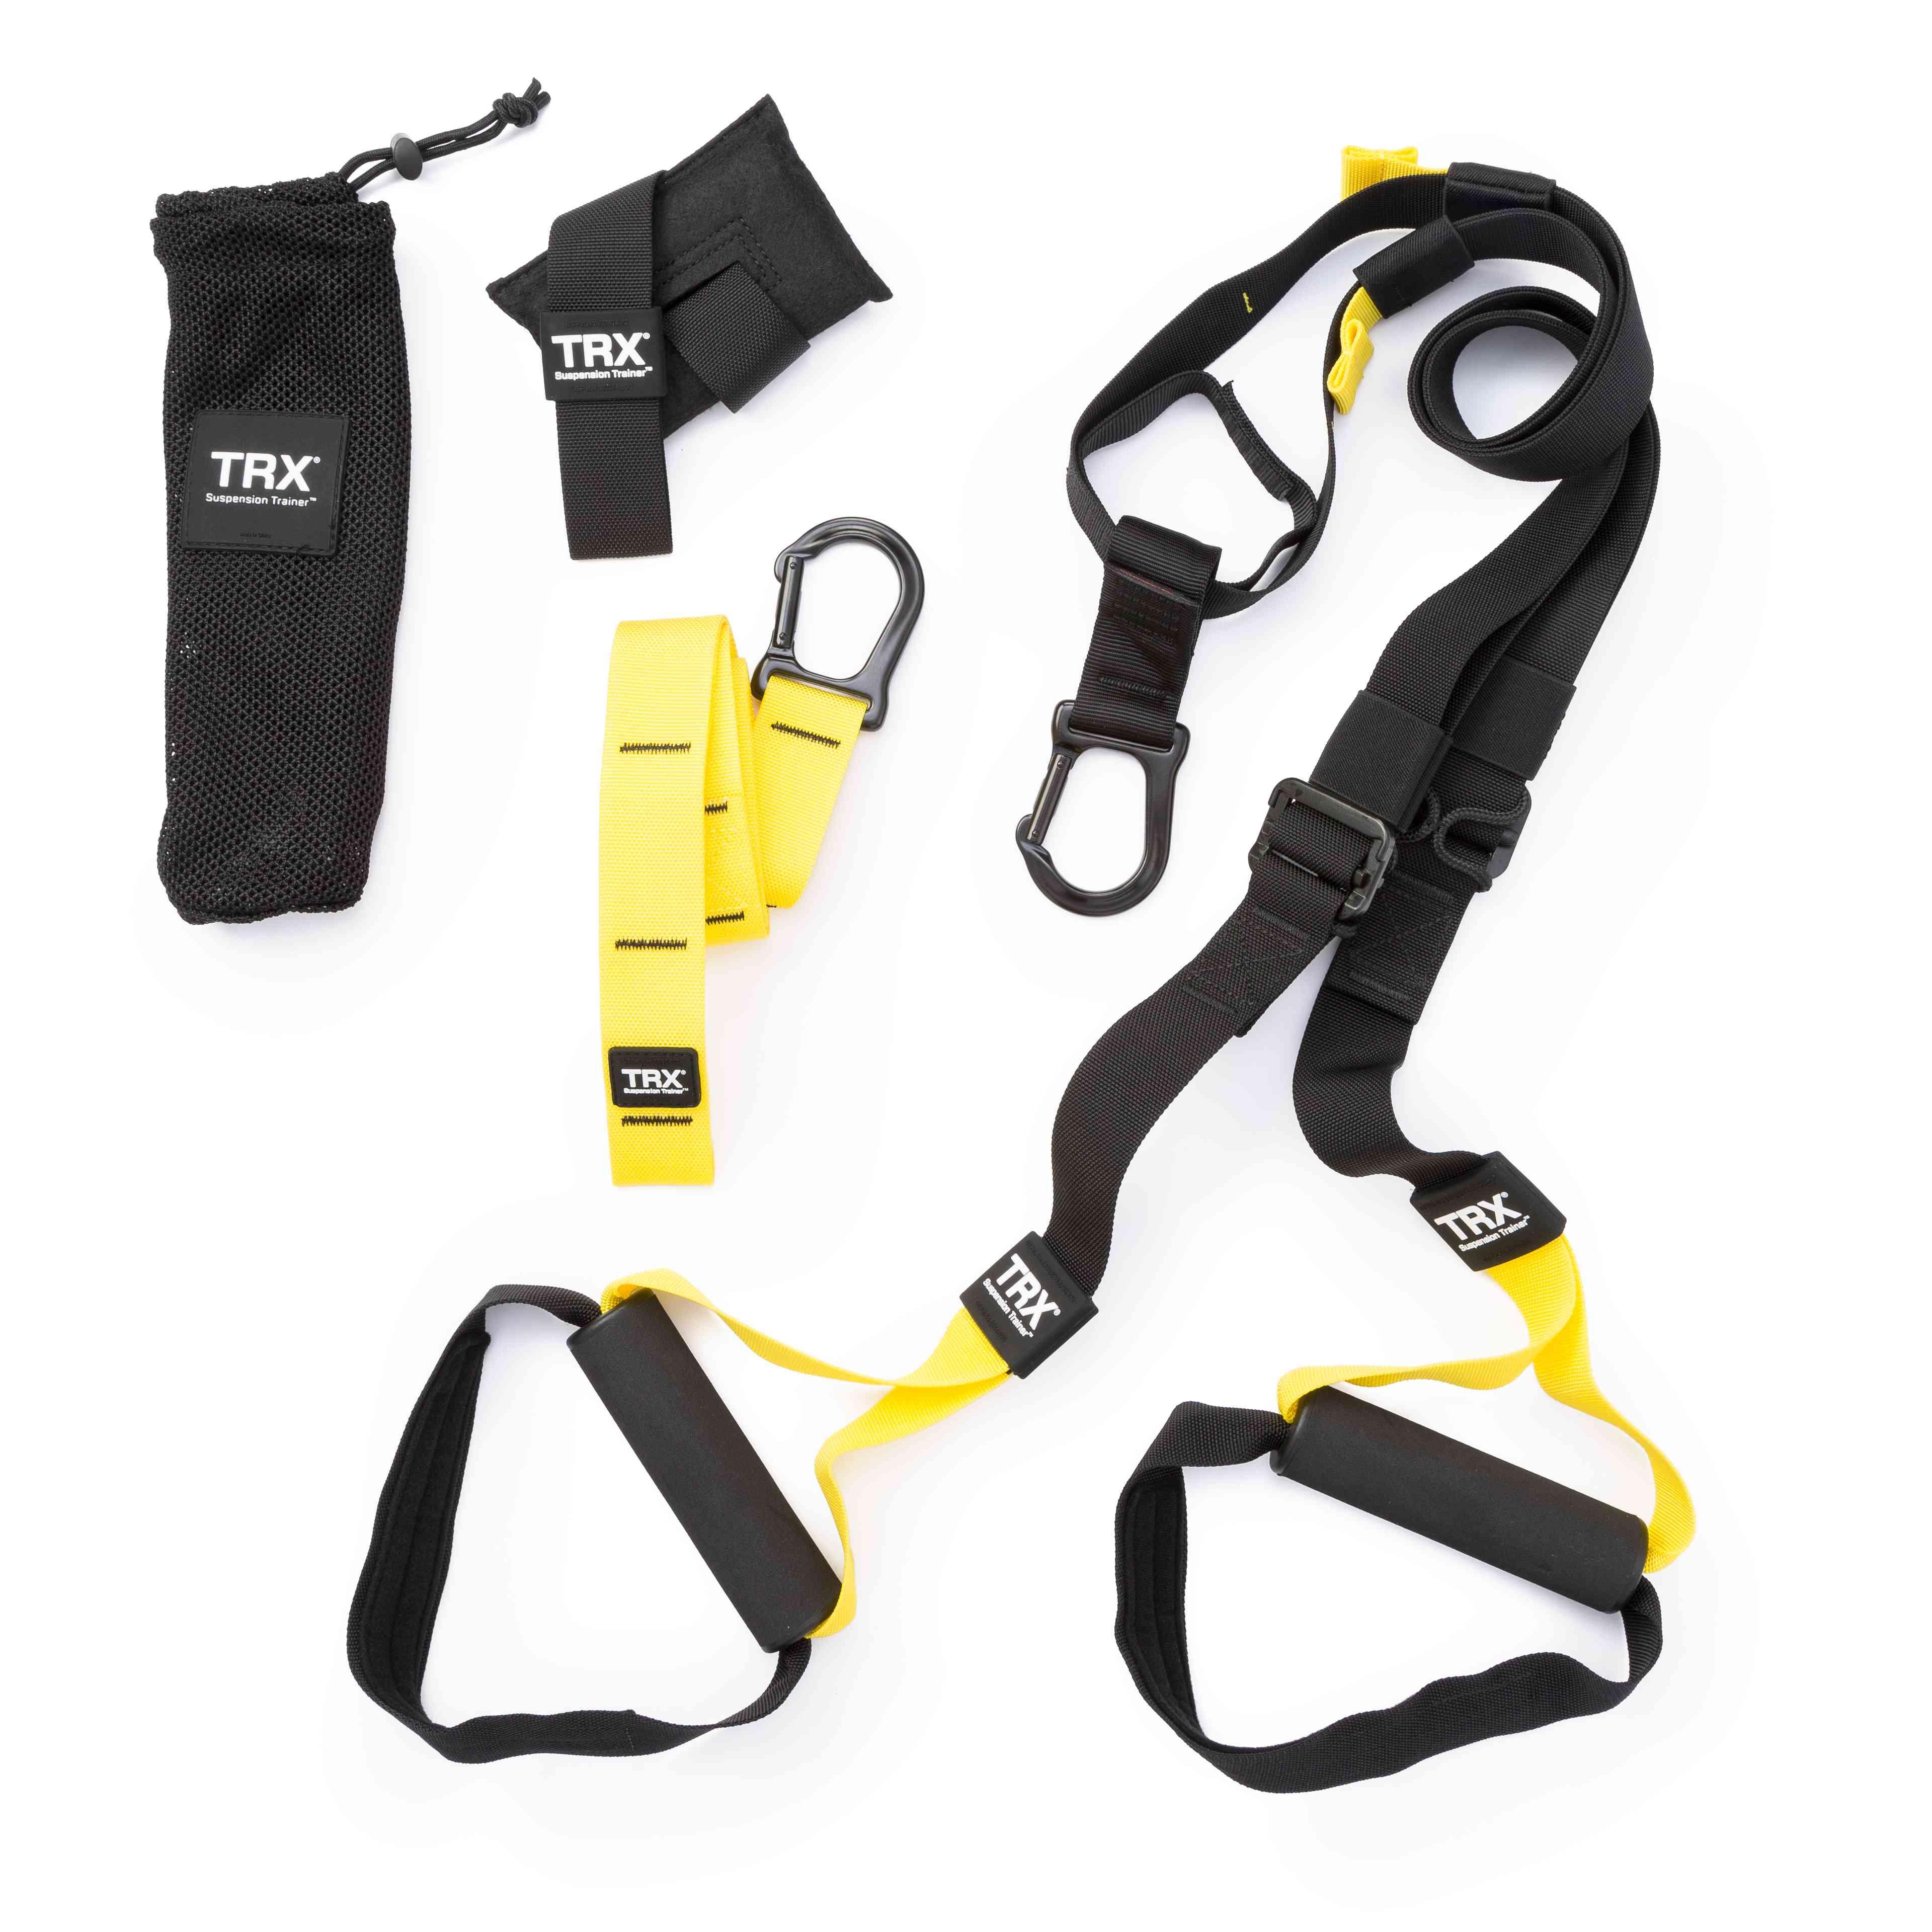 Sistema de entrenamiento de suspensión fuerte TRX